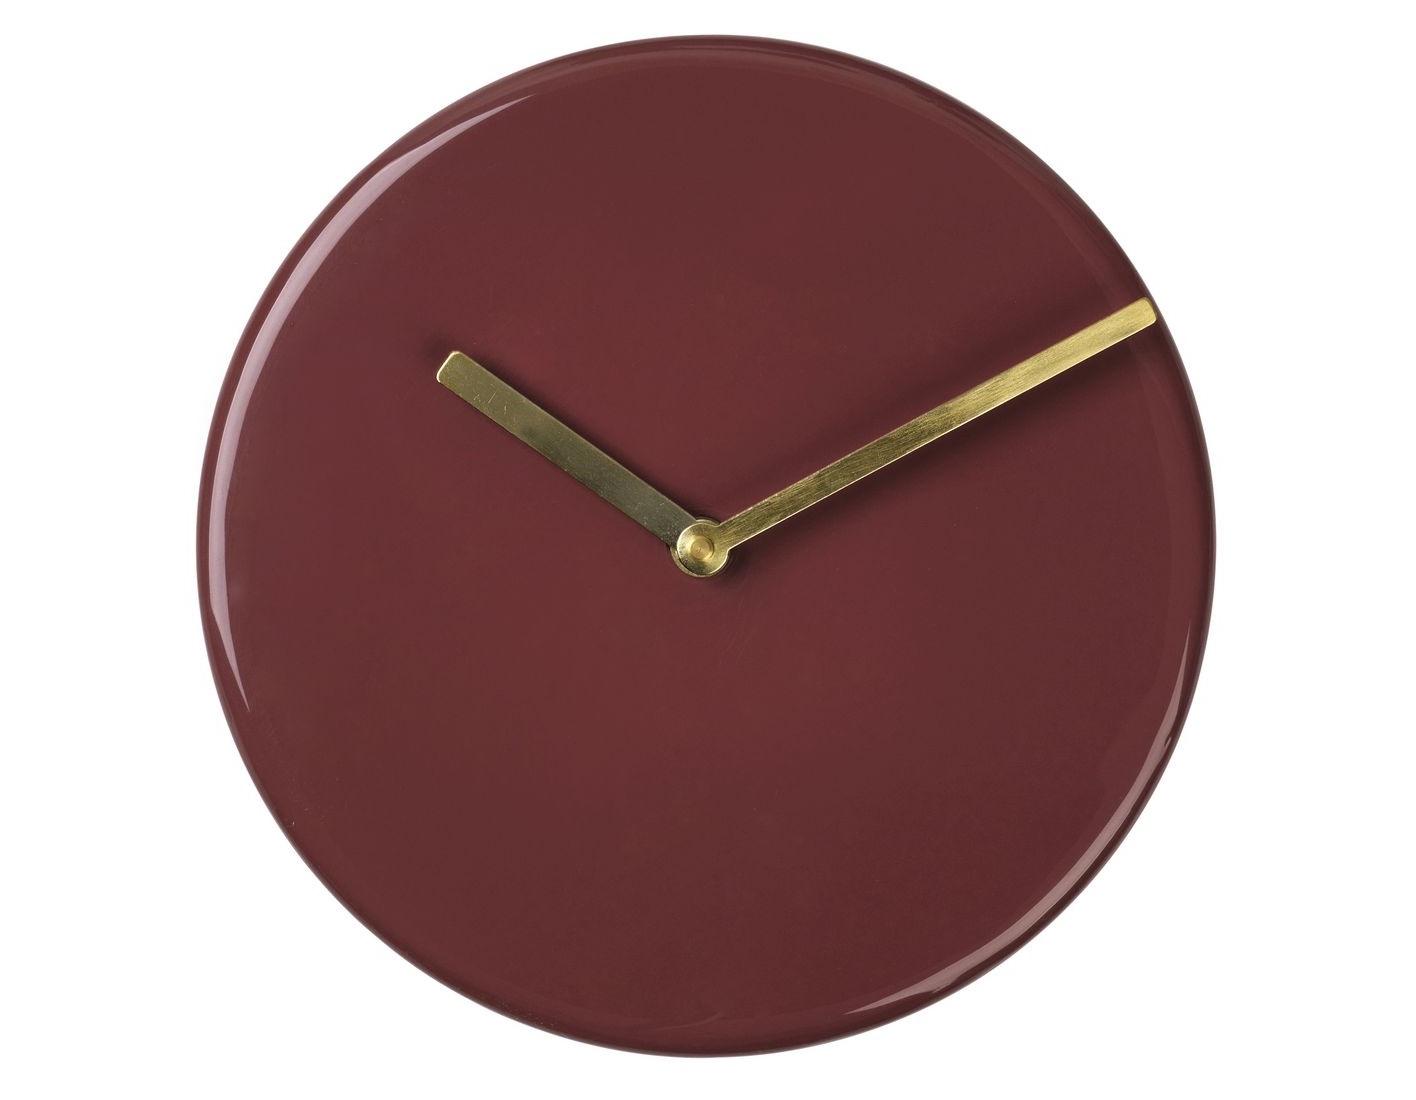 Часы настенные RoundНастенные часы<br>Broste Copenhagen – компания, основанная в 1955 году, занимает лидирующие позиции среди скандинавских брендов товаров для дома. Посуда Broste представлена в ресторанах, входящих в один из самых авторитетных рейтингов «Красный гид», созданный Андре Мишленом. Многие товары выполнены вручную, что придаёт им особенную неповторимость и качество. Традиционный скандинавский дизайн и современные тенденции производства – вот сочетание, заложенное в основу успешности этого старинного датского бренда.&amp;lt;div&amp;gt;&amp;lt;br&amp;gt;&amp;lt;/div&amp;gt;&amp;lt;div&amp;gt;кварцевый механизм&amp;lt;/div&amp;gt;<br><br>Material: Железо<br>Length см: None<br>Width см: None<br>Height см: 3<br>Diameter см: 20